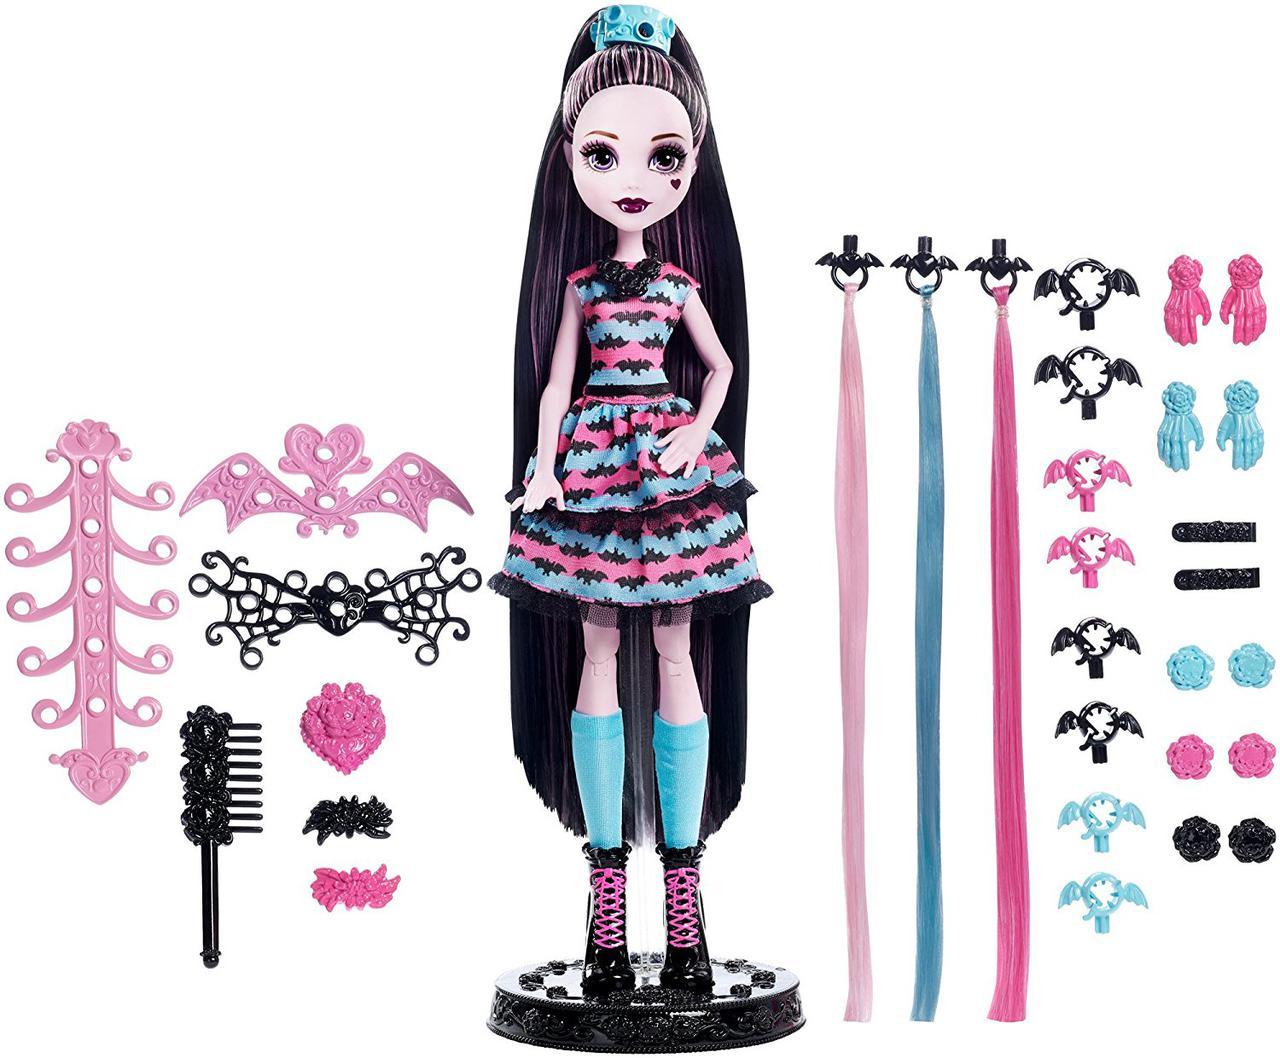 Кукла Монстер Хай Дракулаура Стильные прически Monster High Girls Party Hair Draculaura Doll